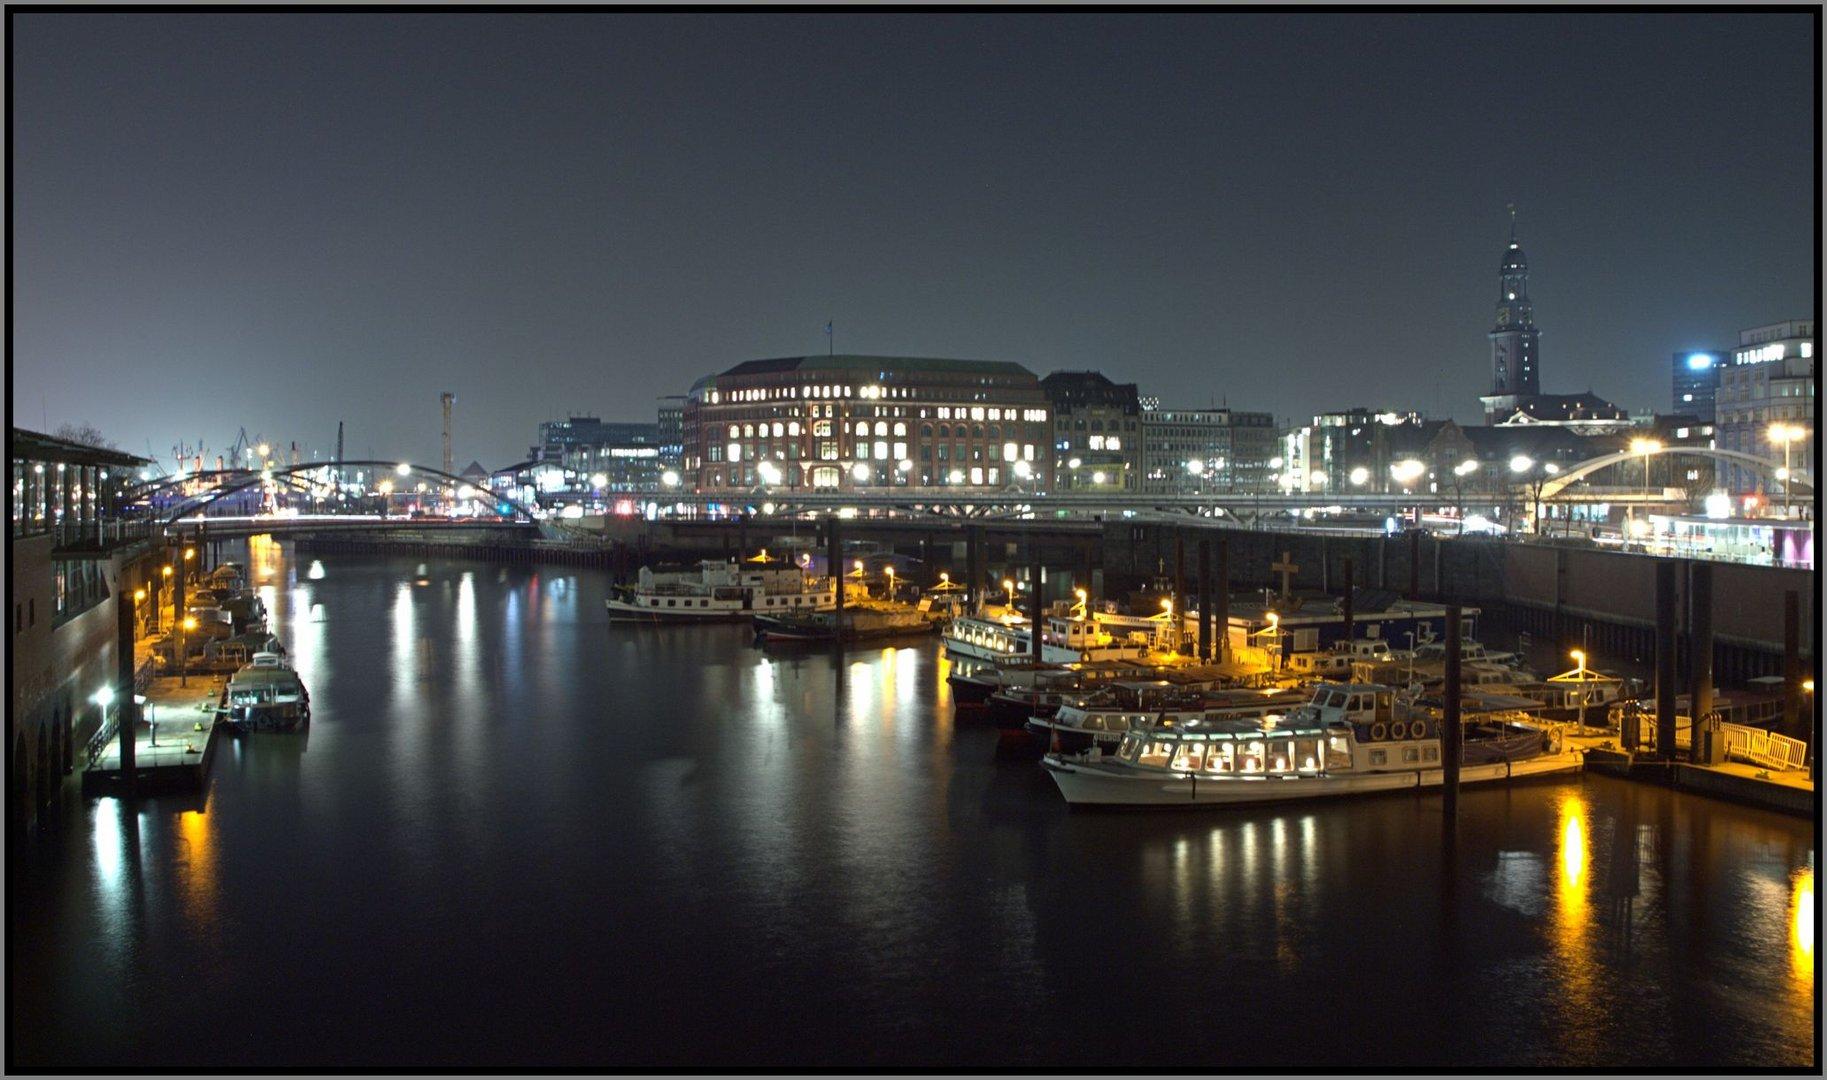 Abend am Fleet